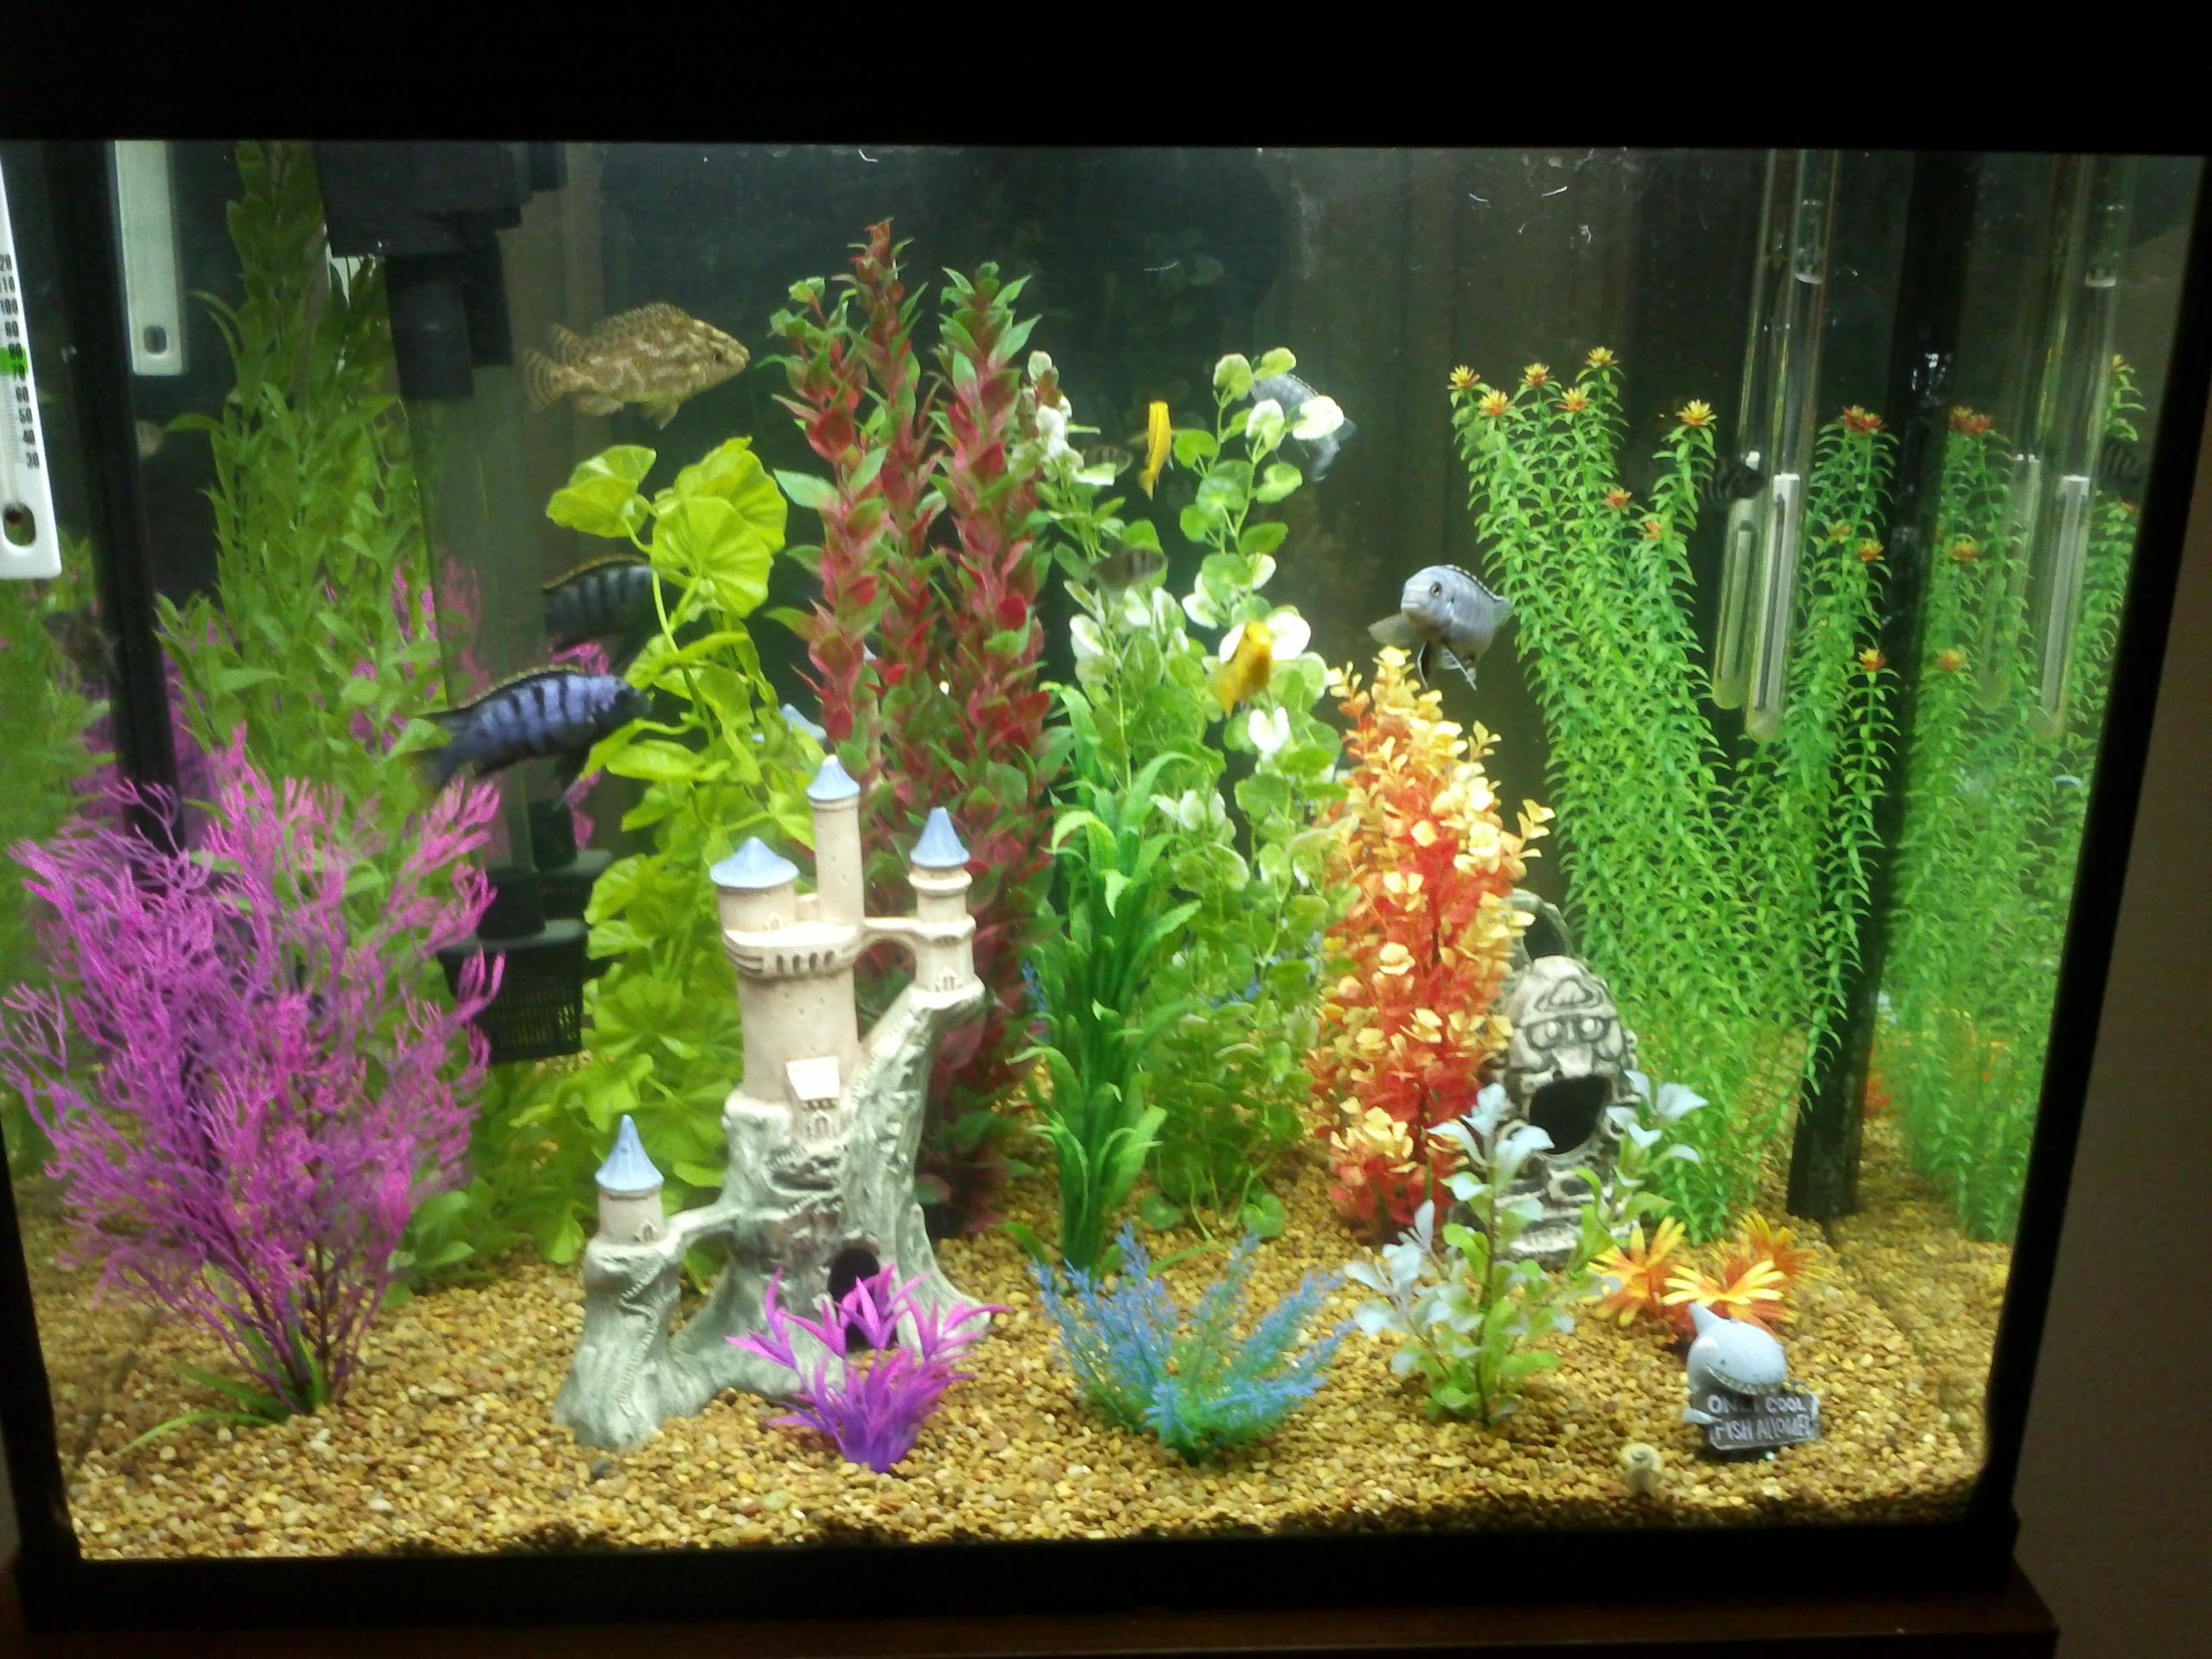 Artificial silk aquarium plants 1000 aquarium ideas for Fake artificial aquarium fish tank